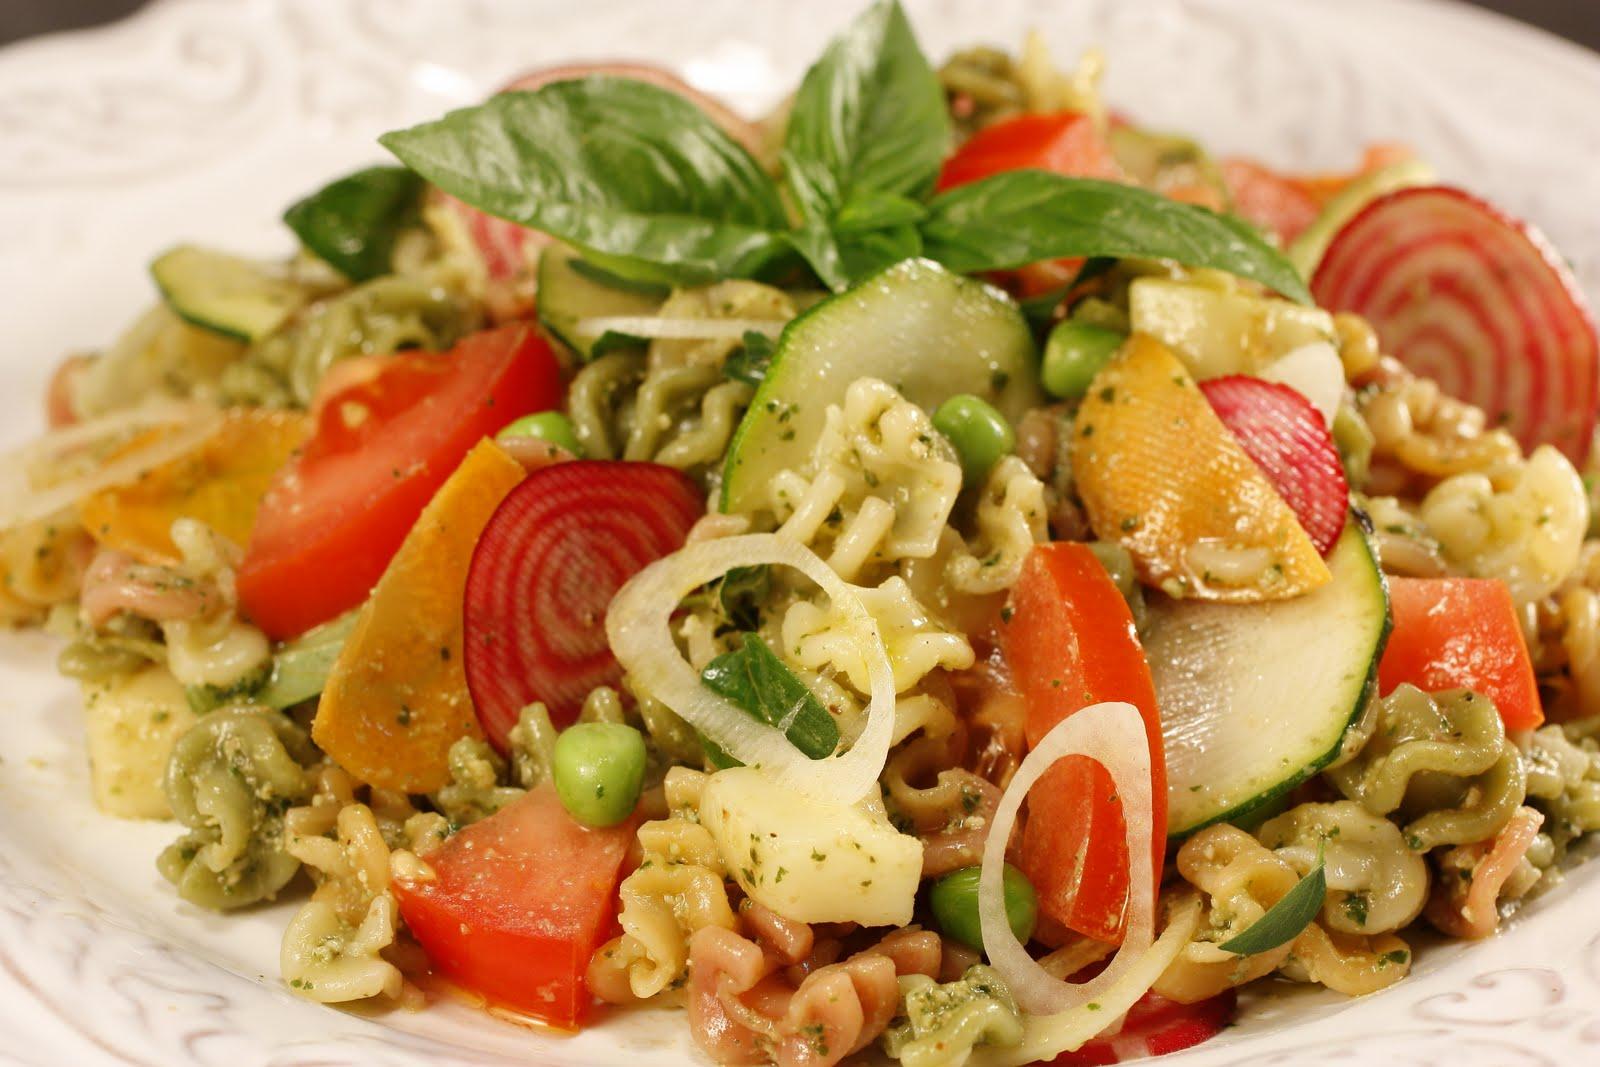 Chef Chuck's Cucina: Chef Chuck's Pesto Pasta Salad